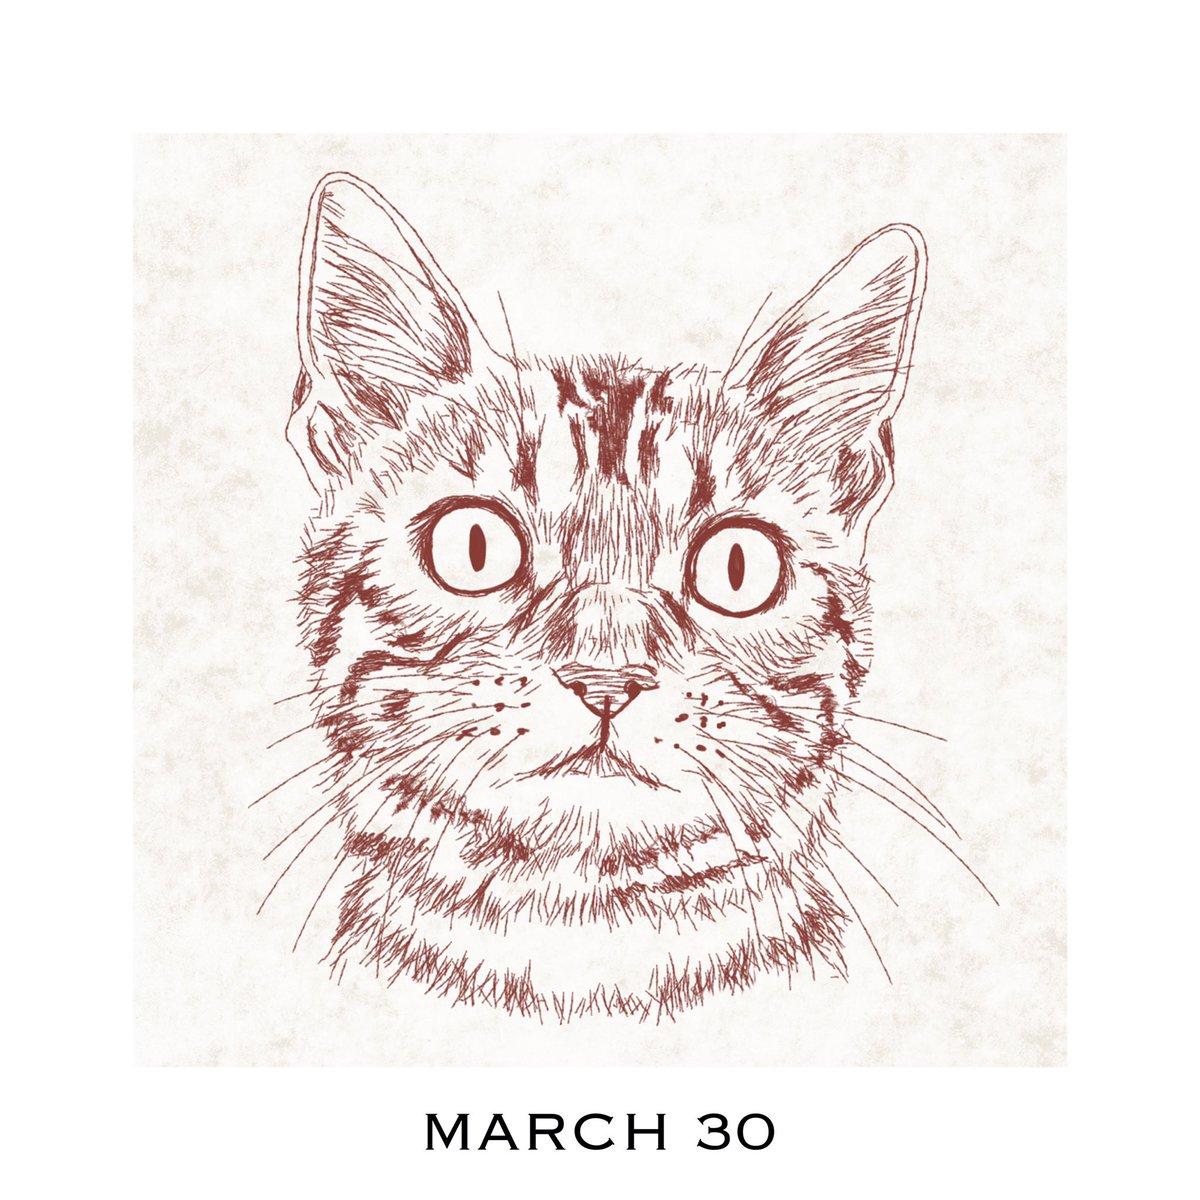 猫好きイラストレーター 365cat Art 3月30日 ご飯作るにゃっ 猫の似顔絵 動物のイラスト 描いてます インスタも見て T Co 1lhrrxj5af 猫カレンダー 365catart 猫好きさんと繋がりたい 猫似顔絵 猫イラスト 猫イラストレーター 猫